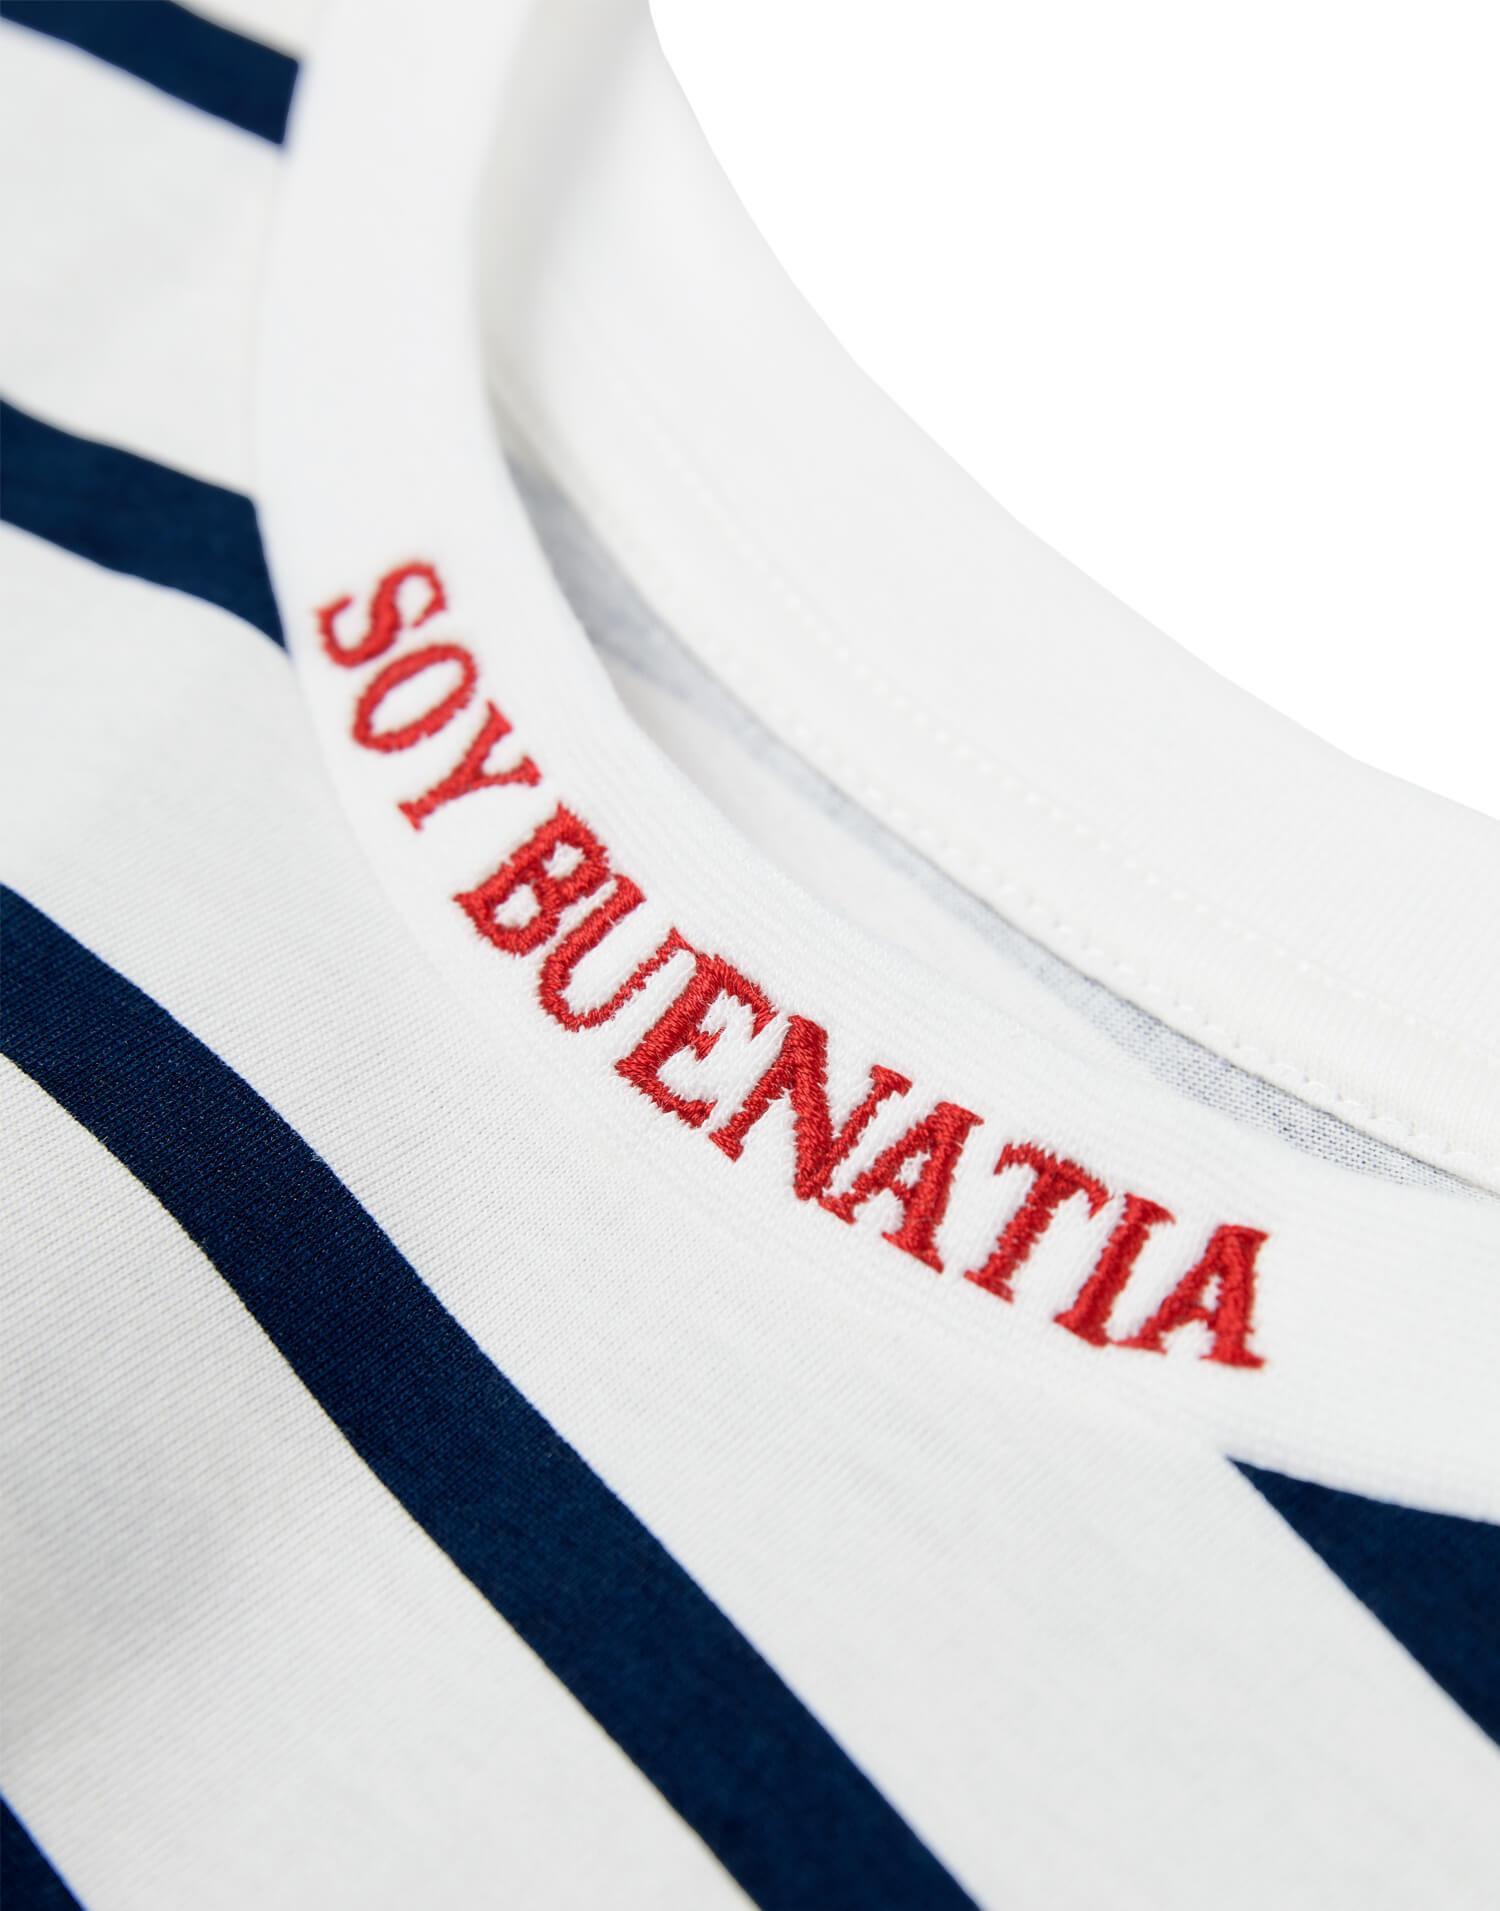 Nueva Tierrasanta 'Soy Buenatía'